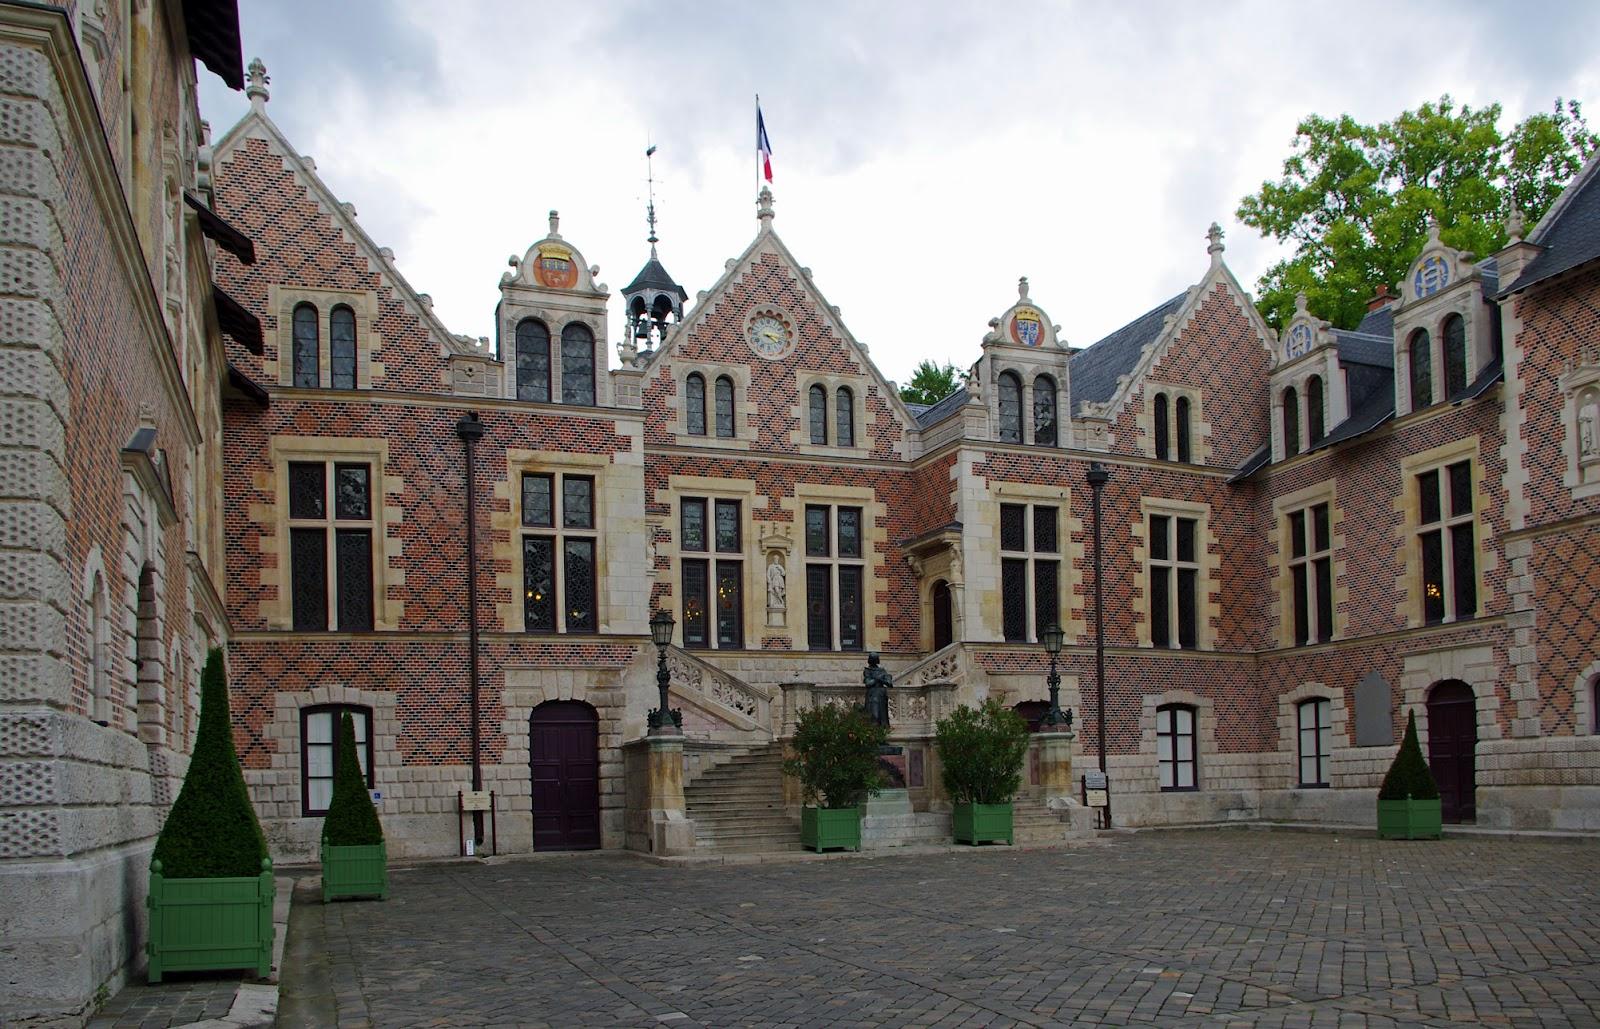 Orleans France  city photo : Fichier:Hôtel Groslot, Orléans, France, 2012. — Wikipédia